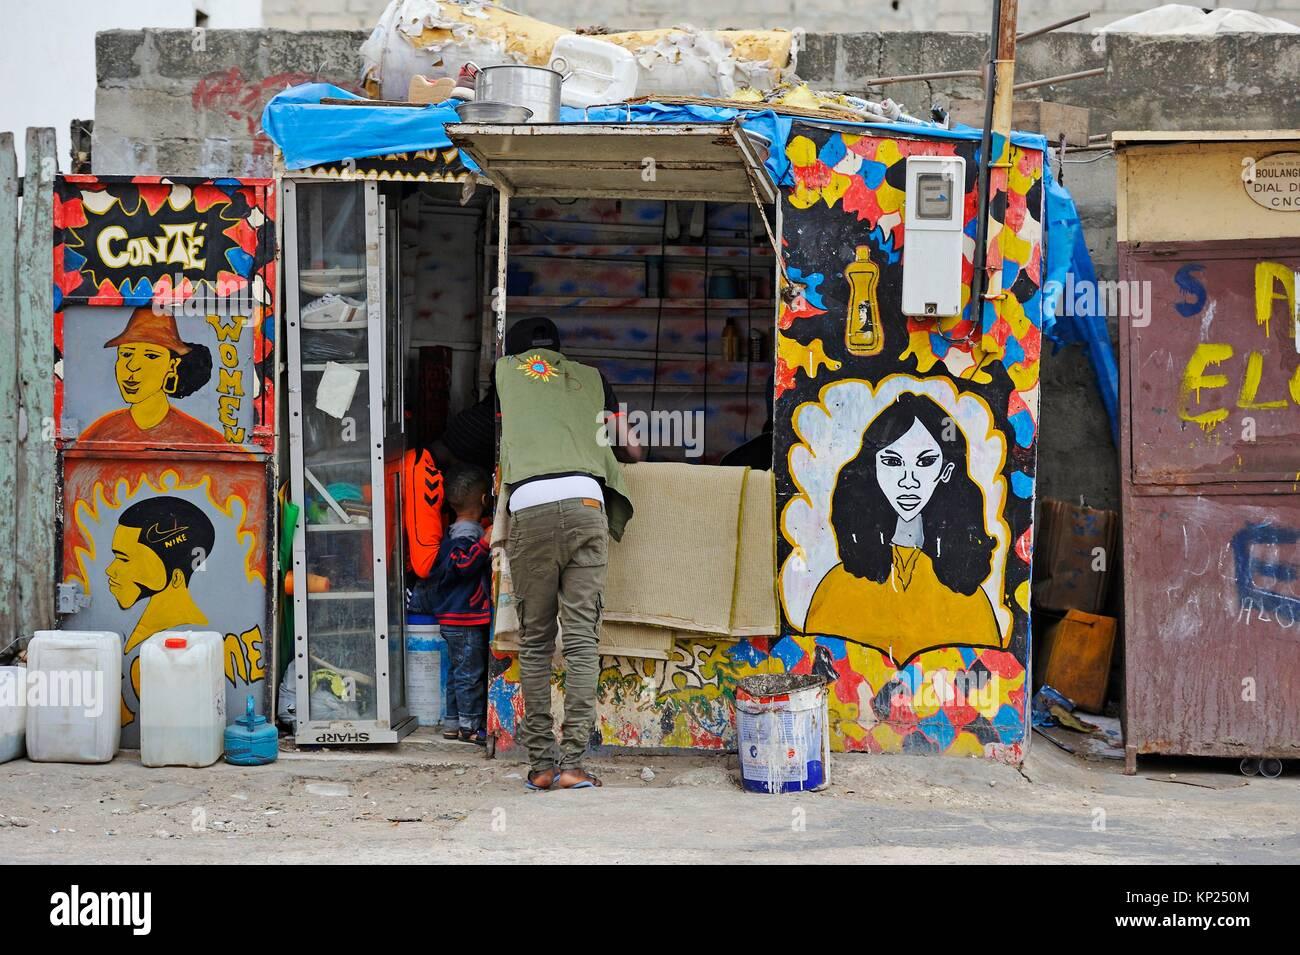 A buon mercato parrucchiere, Medina district, Dakar, Senegal Africa Occidentale. Immagini Stock